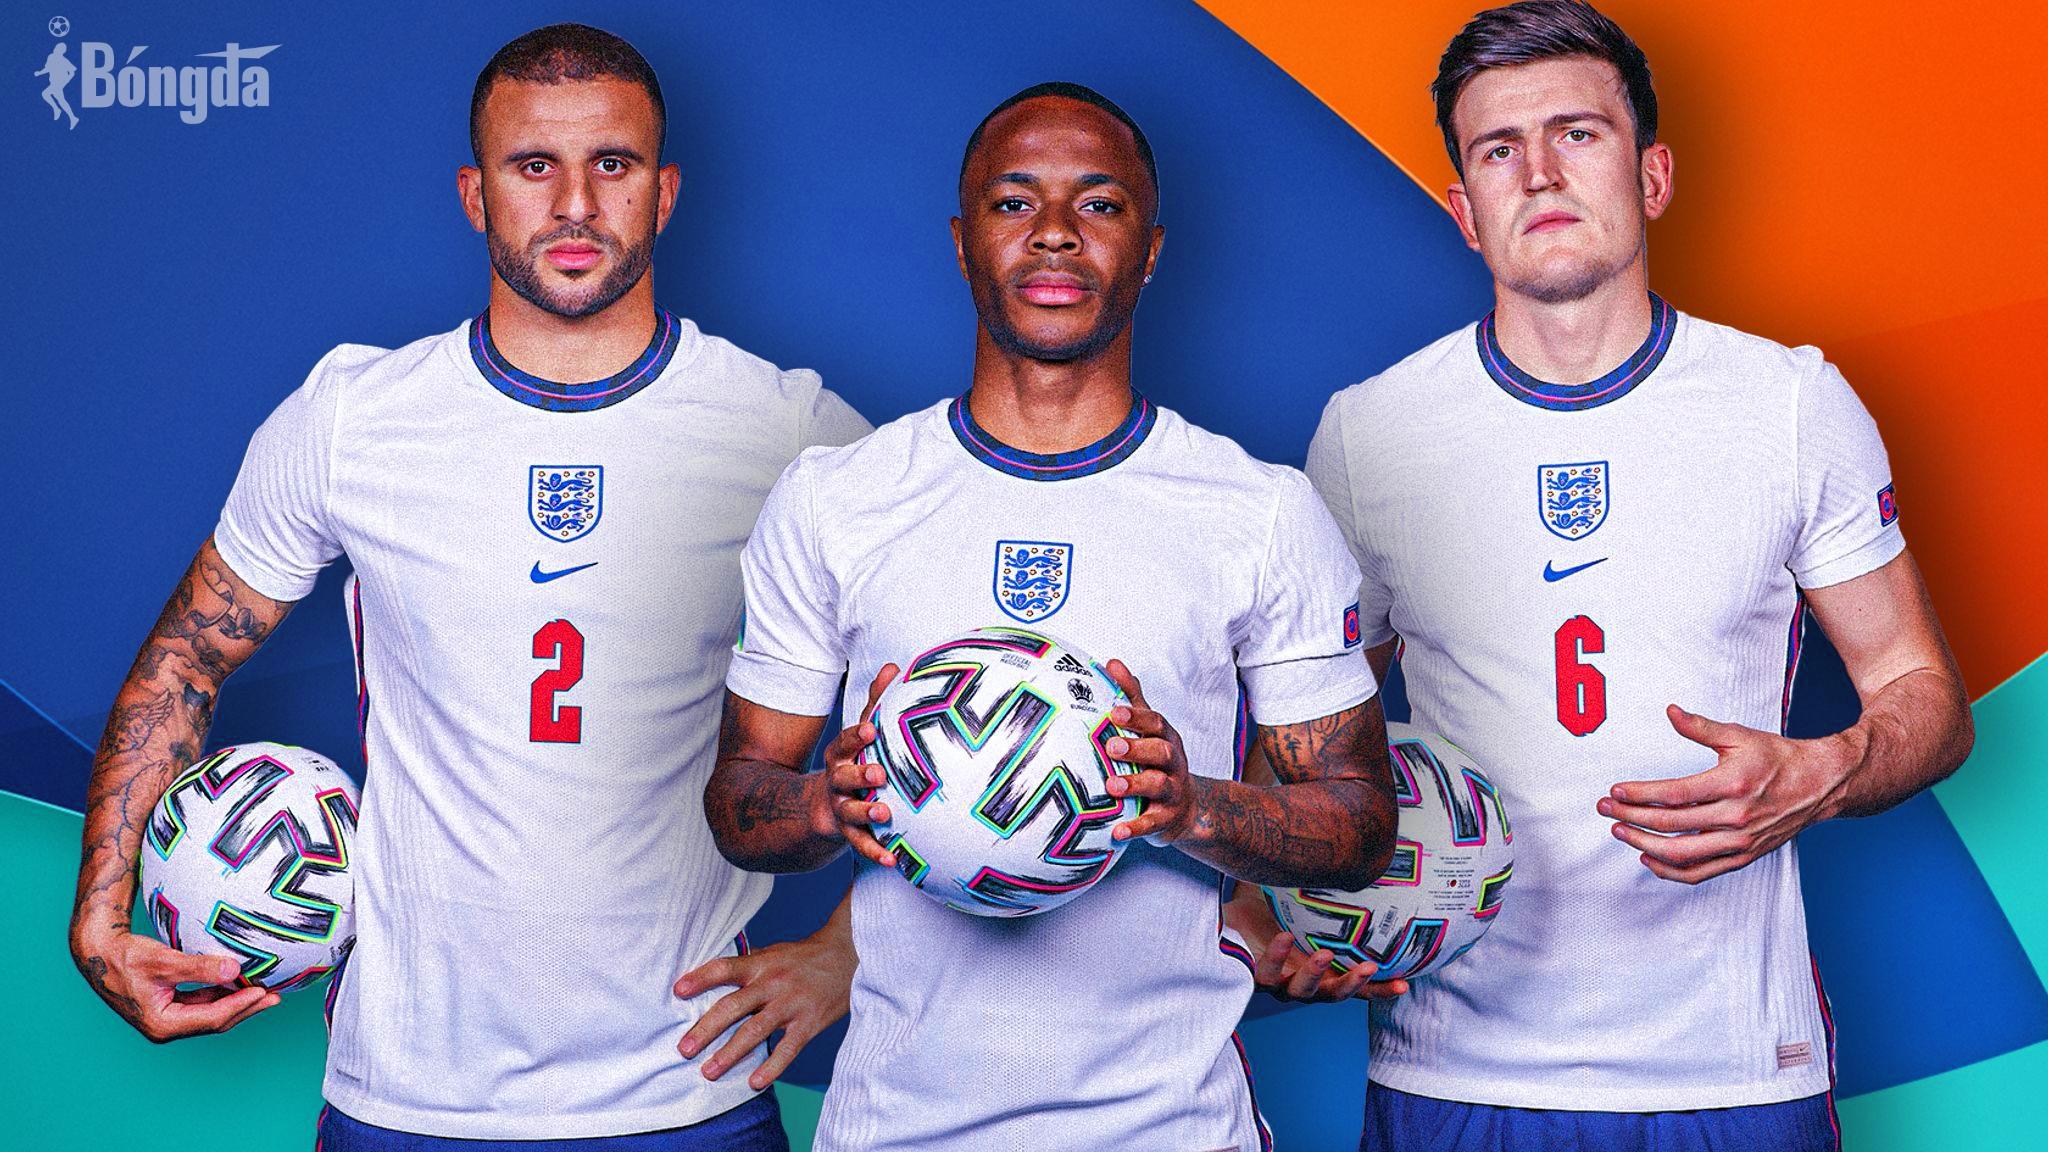 Đội hình tiêu biểu EURO 2020: Sterling, Jorginho và Maguire góp mặt, còn Ronalod thì sao?